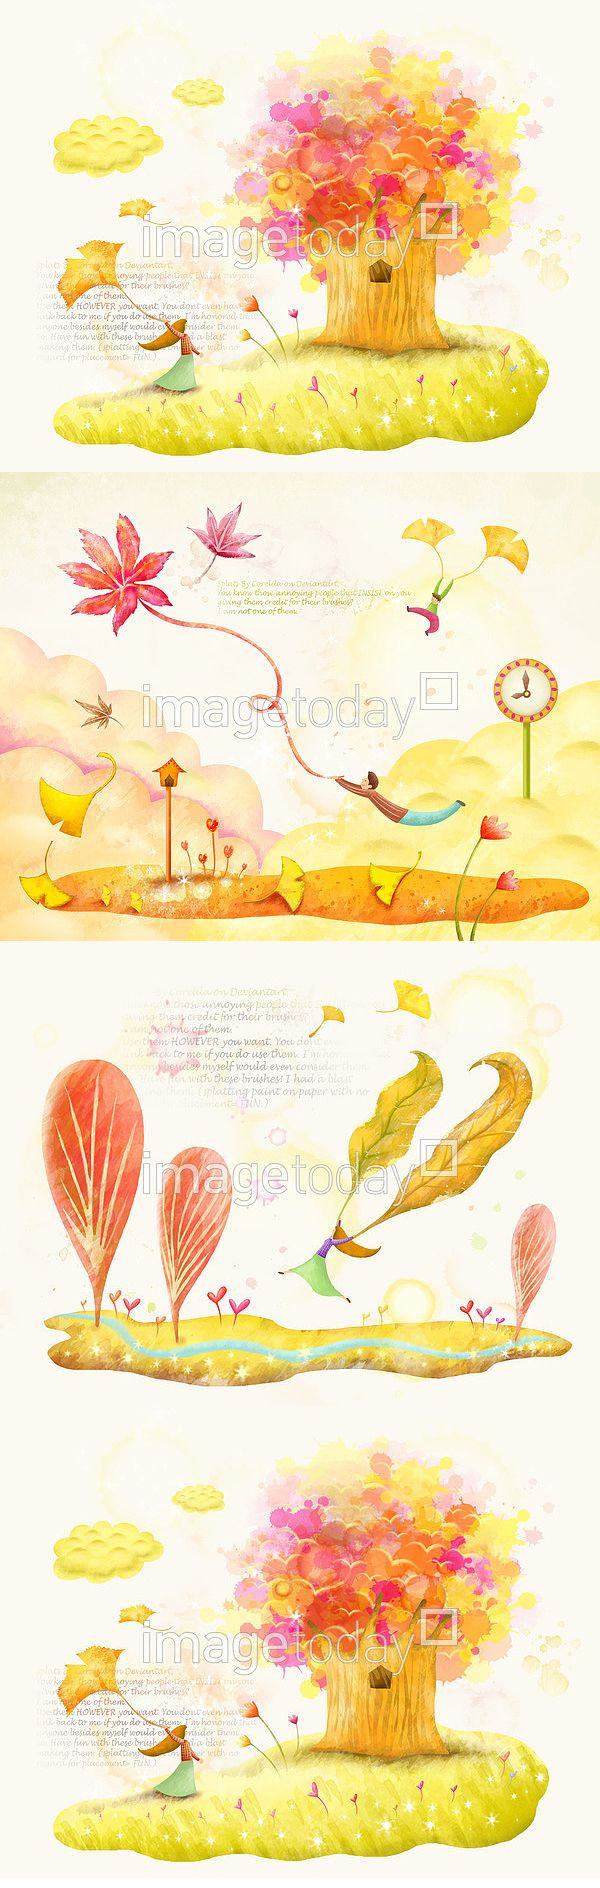 psd 가을 감성 계절 구름 꽃 나무 단풍 단풍나무 들판 백그라운드 사람 수채화 식물 여유 여자 옐로우 은행잎 초원 컨셉 페인터 autumn…